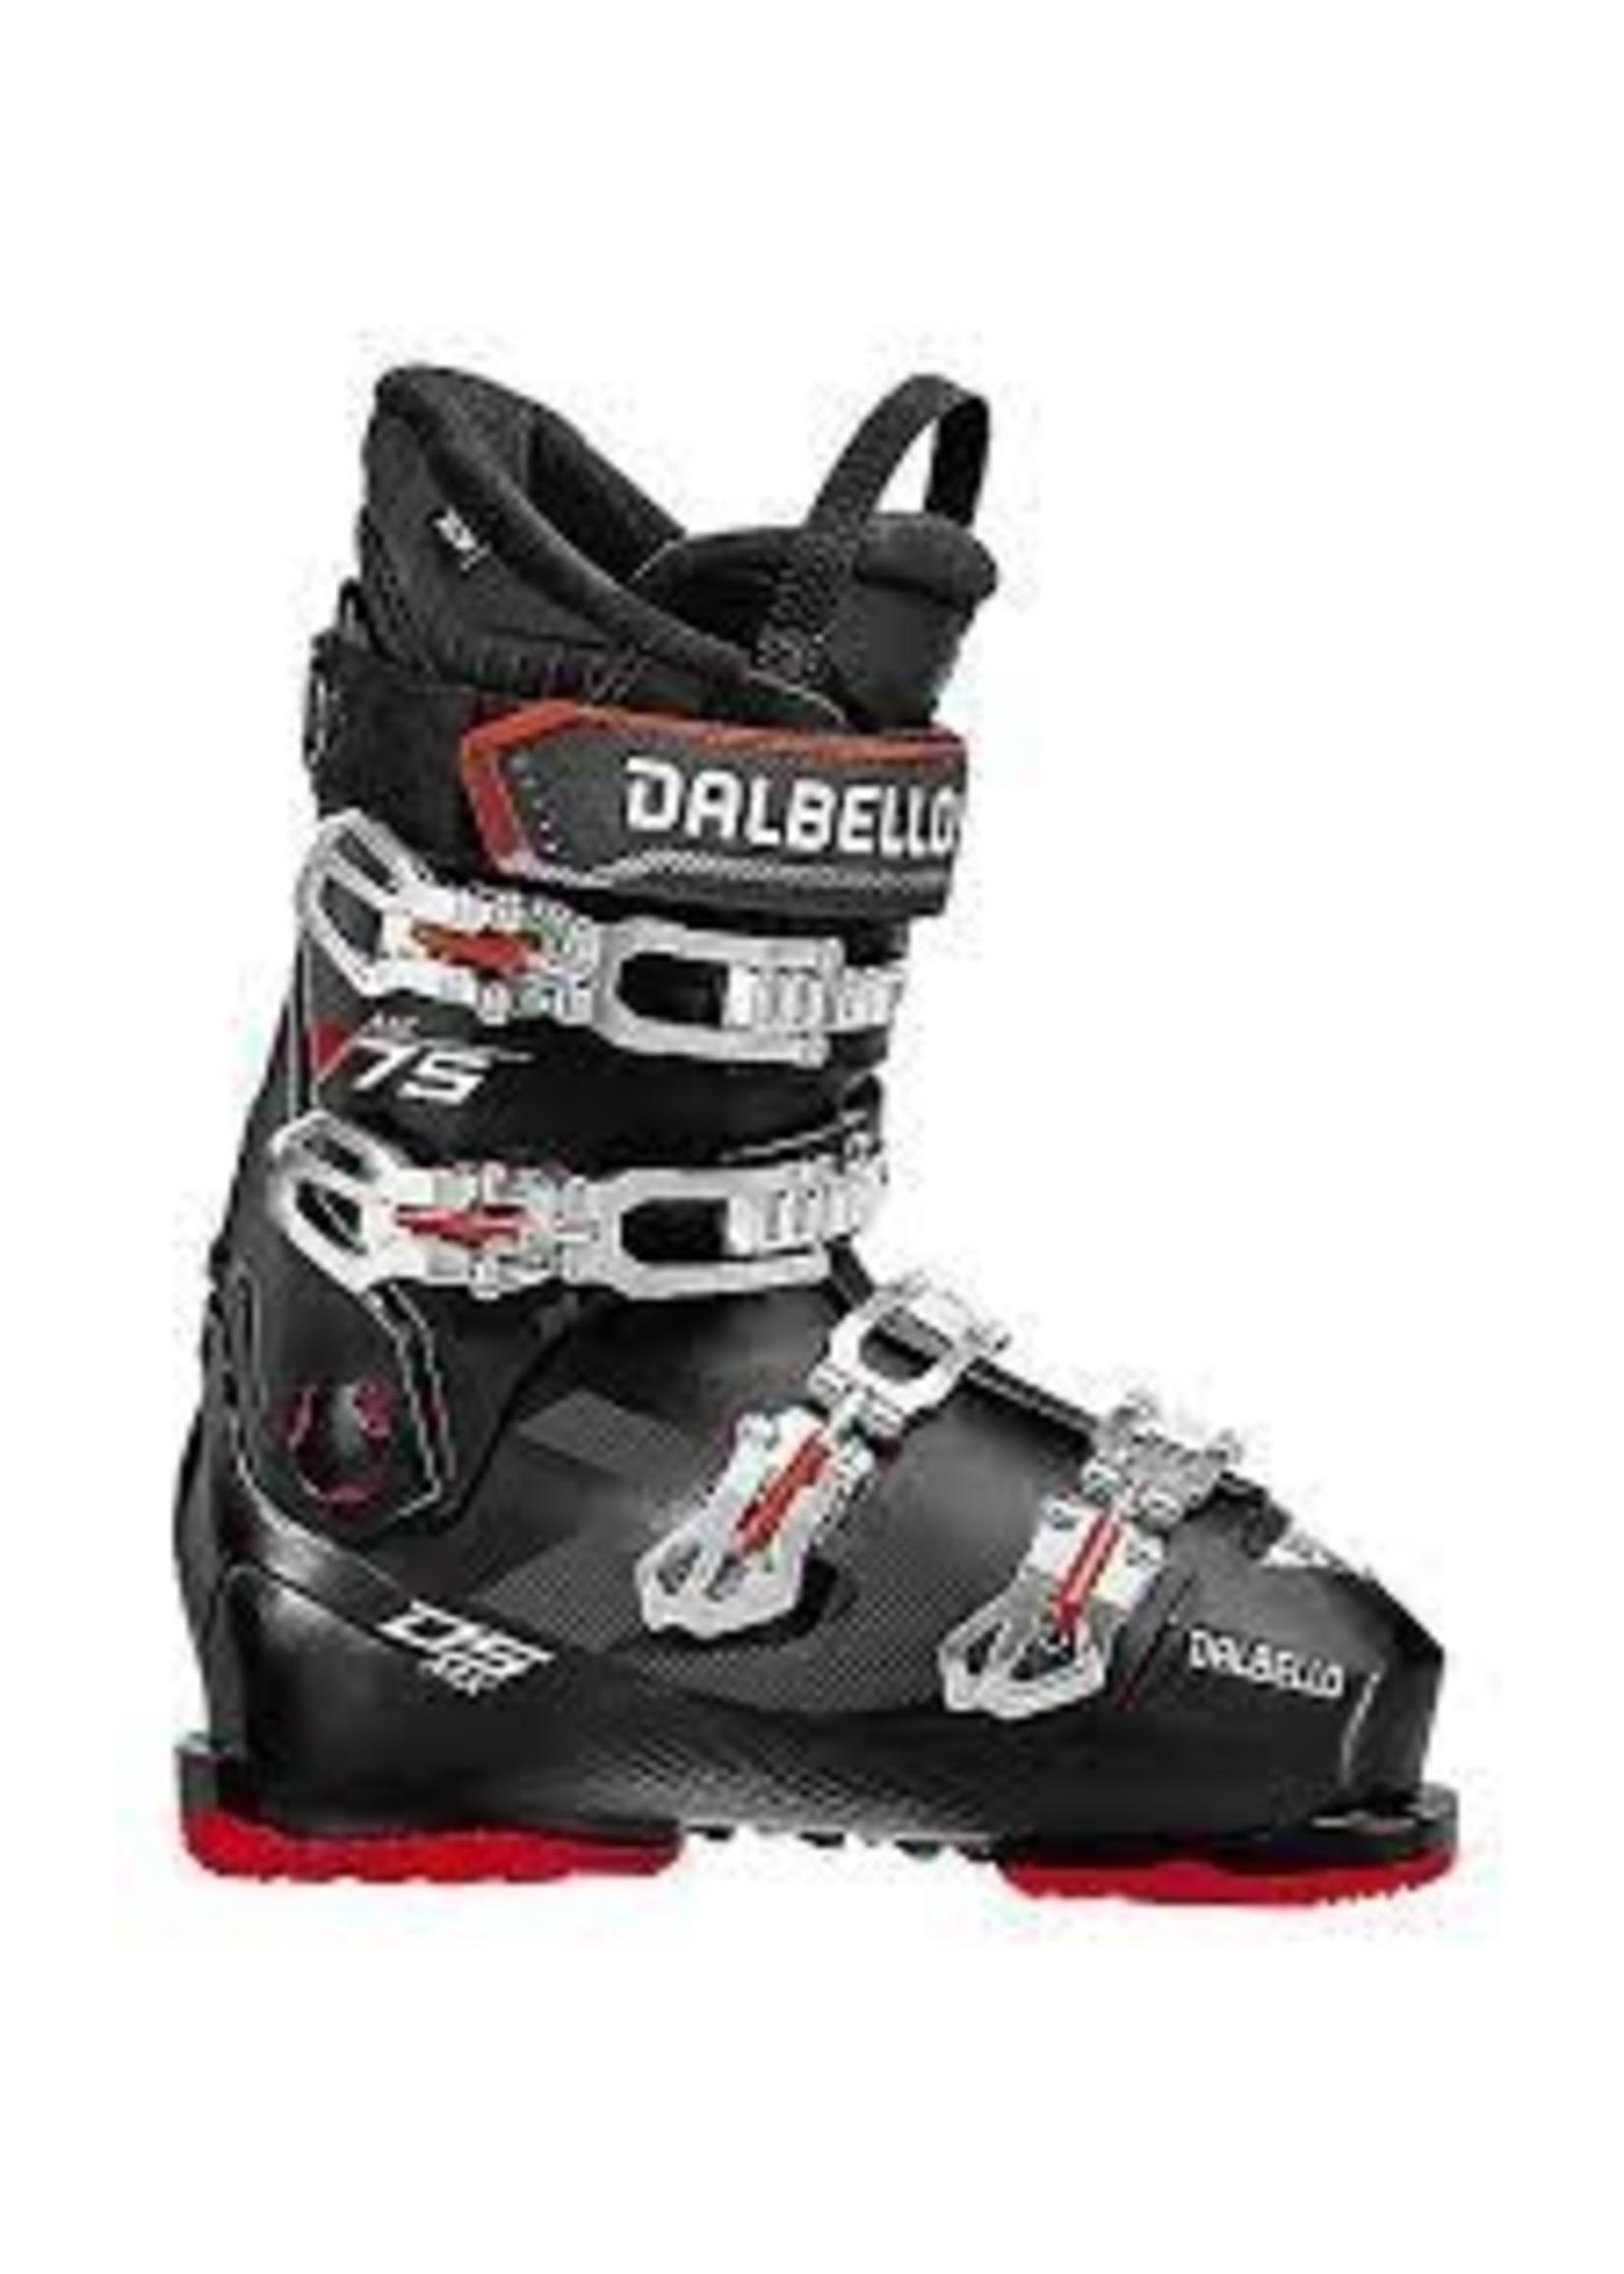 Dalbello Dalbello DS MX 75